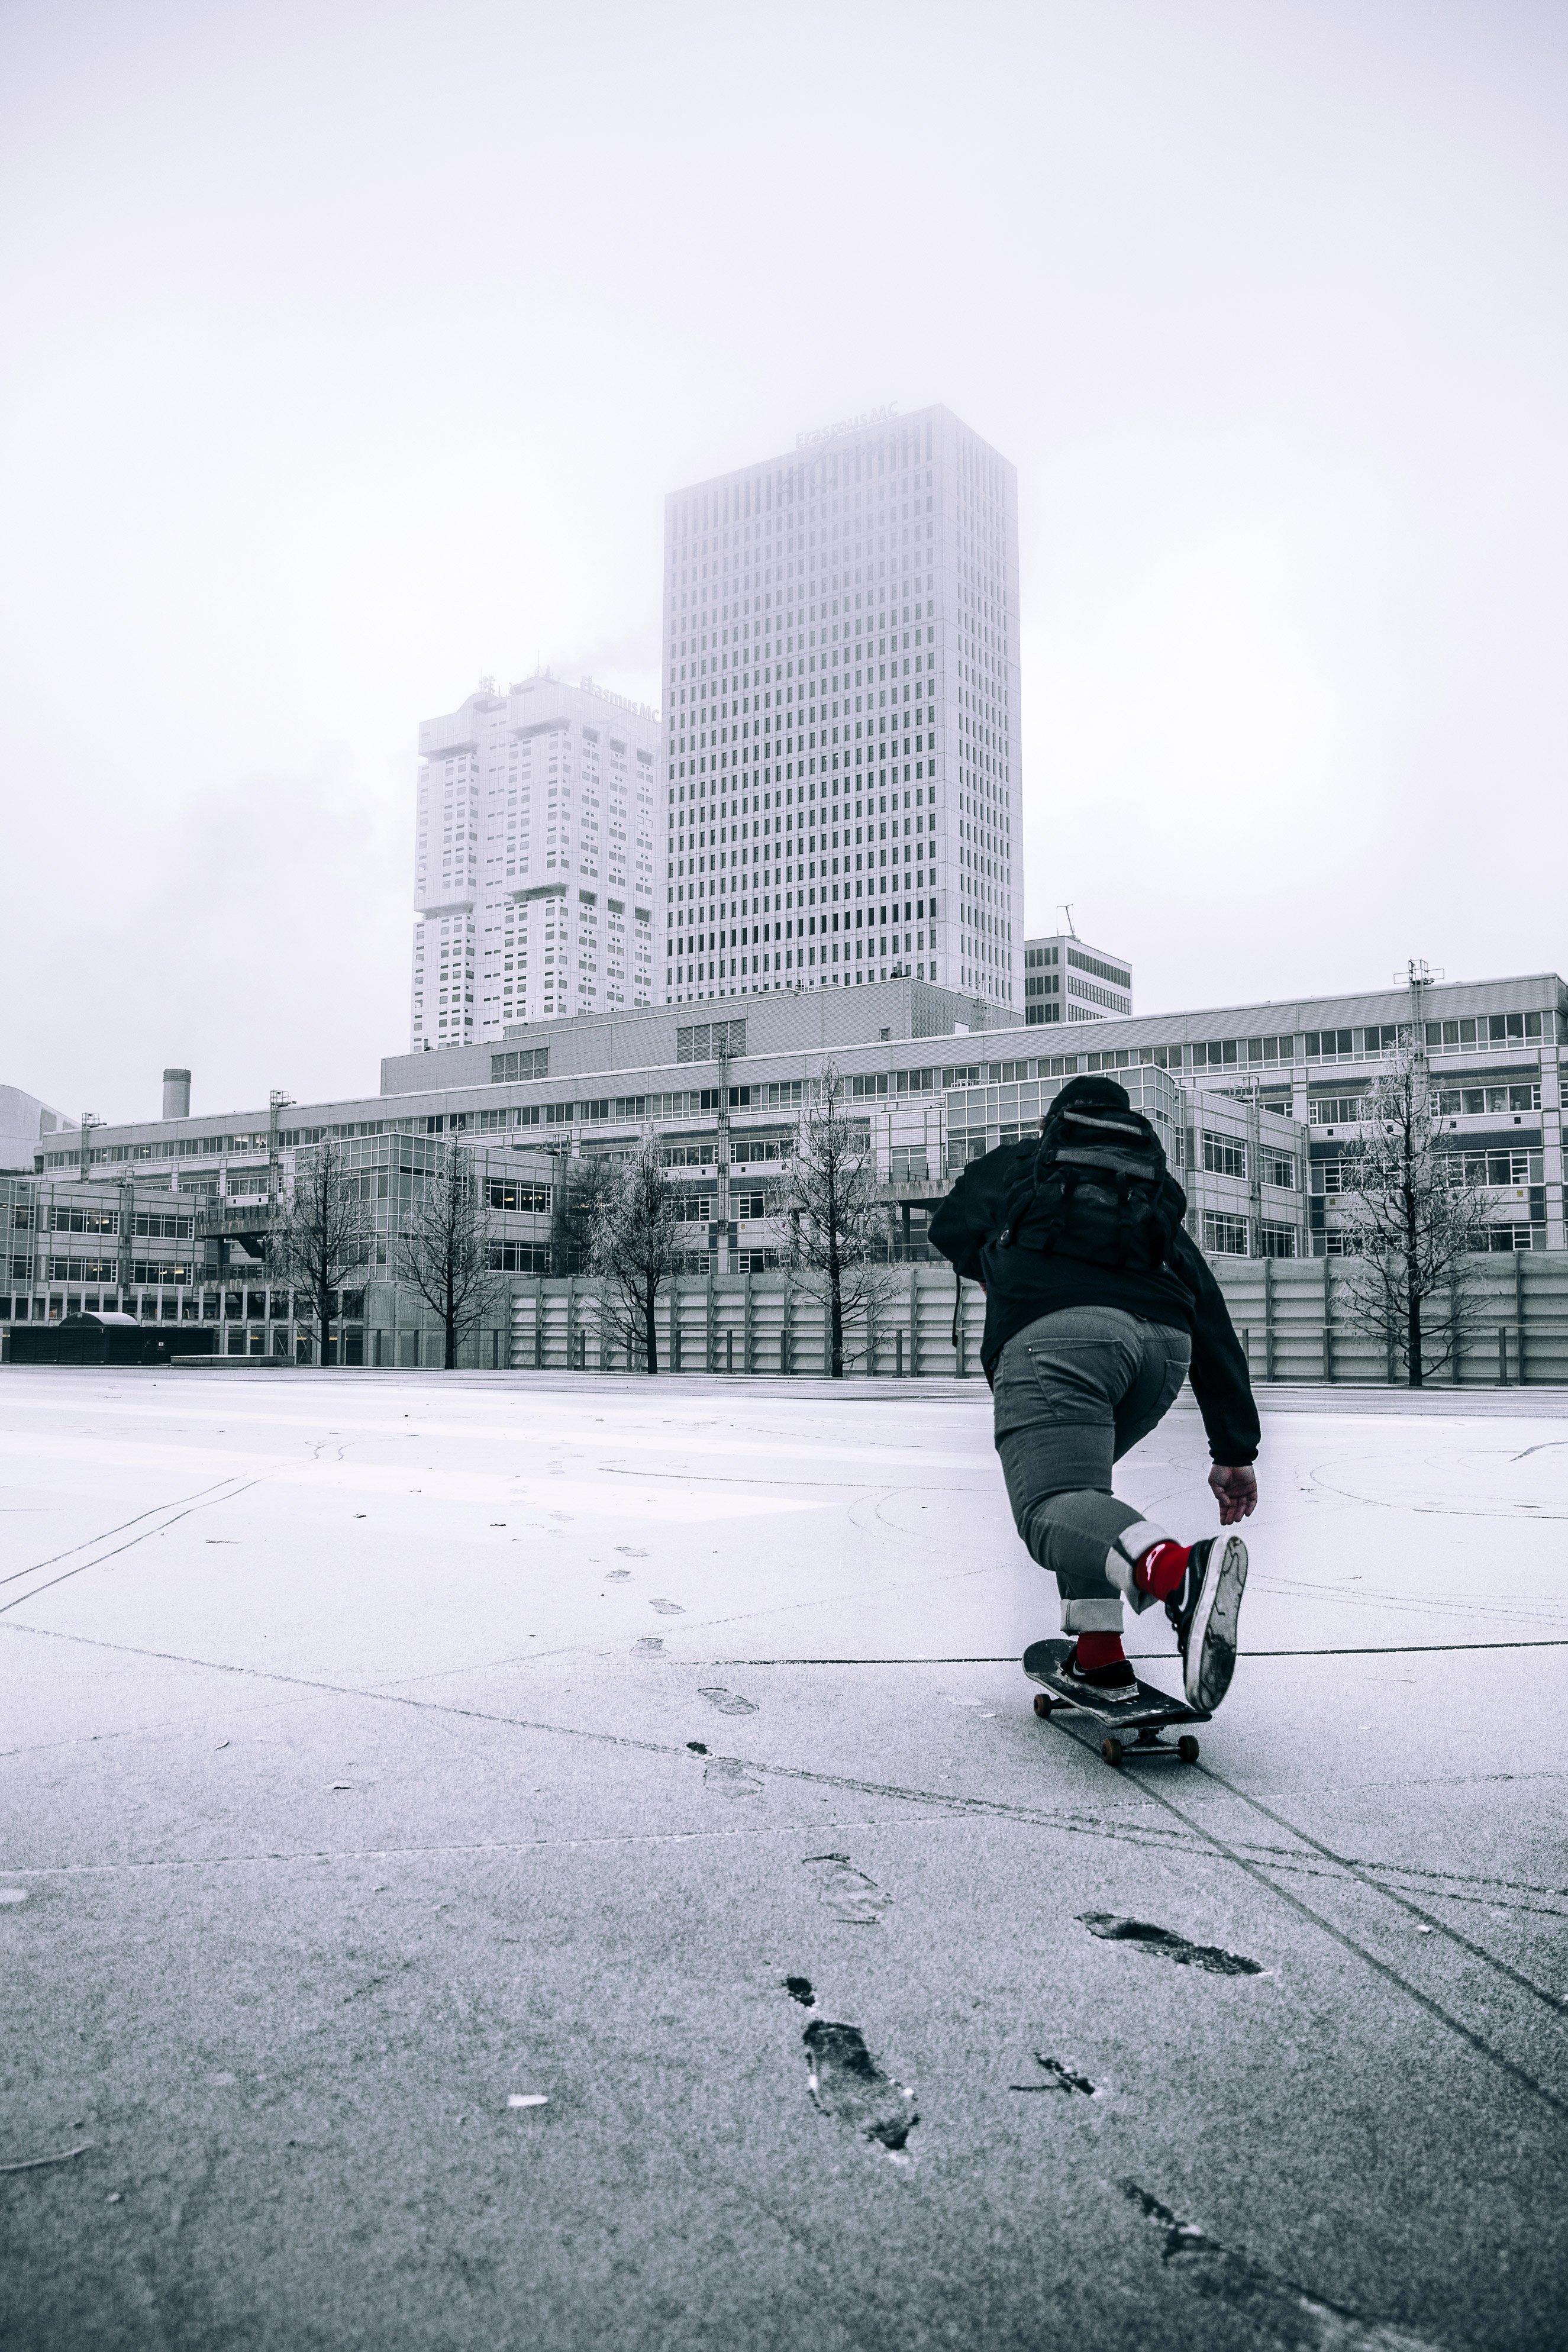 Rotterdam erasmus mc